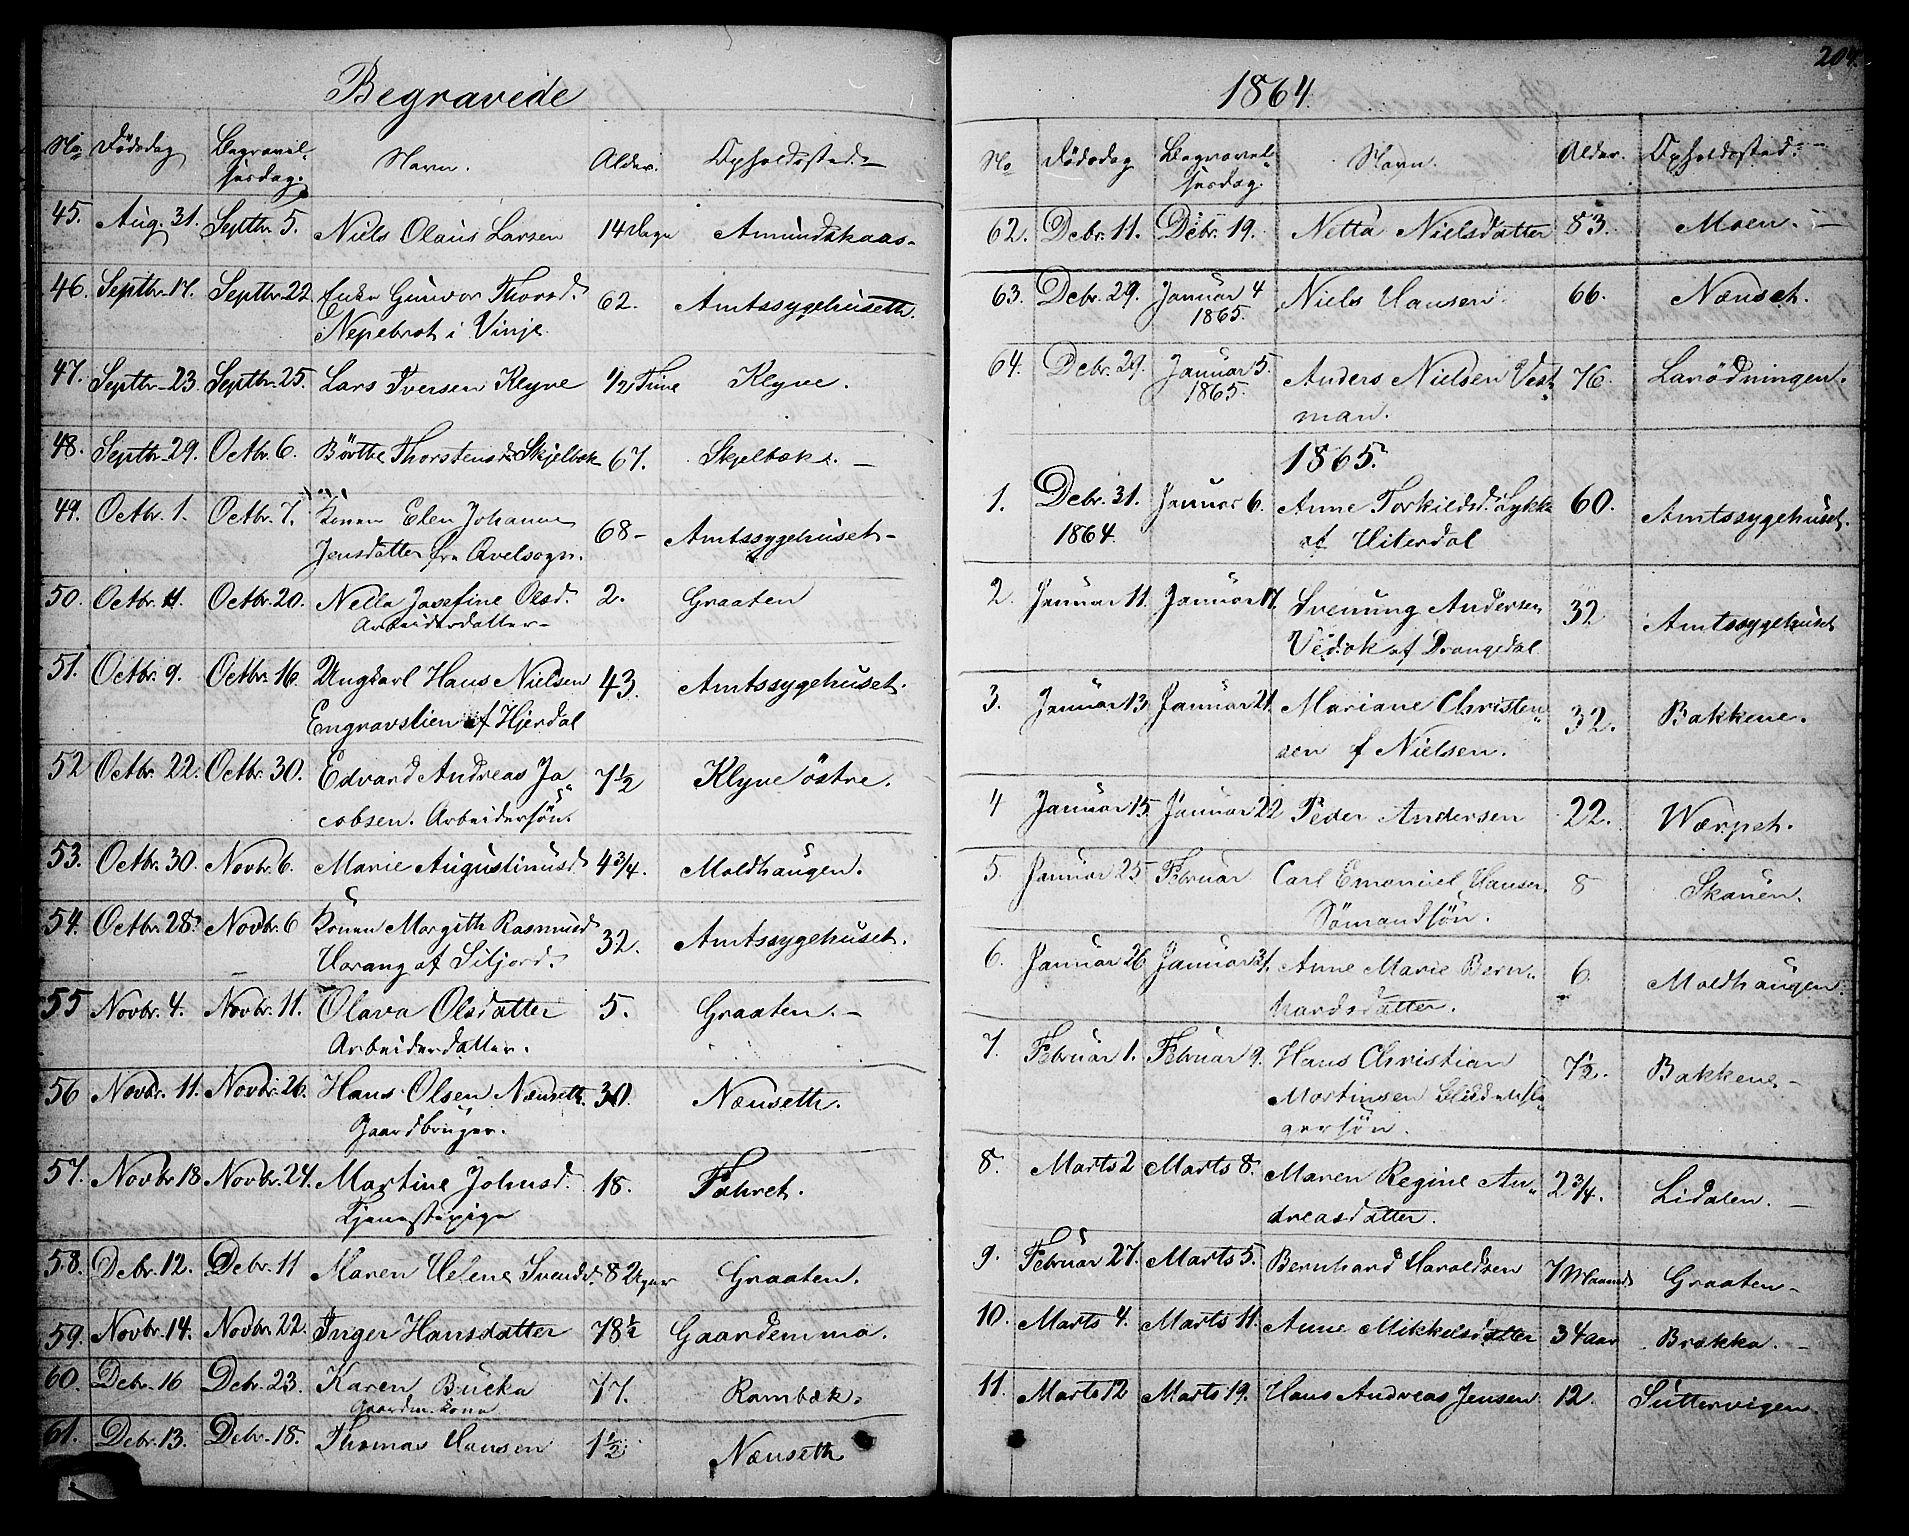 SAKO, Solum kirkebøker, G/Ga/L0004: Klokkerbok nr. I 4, 1859-1876, s. 204